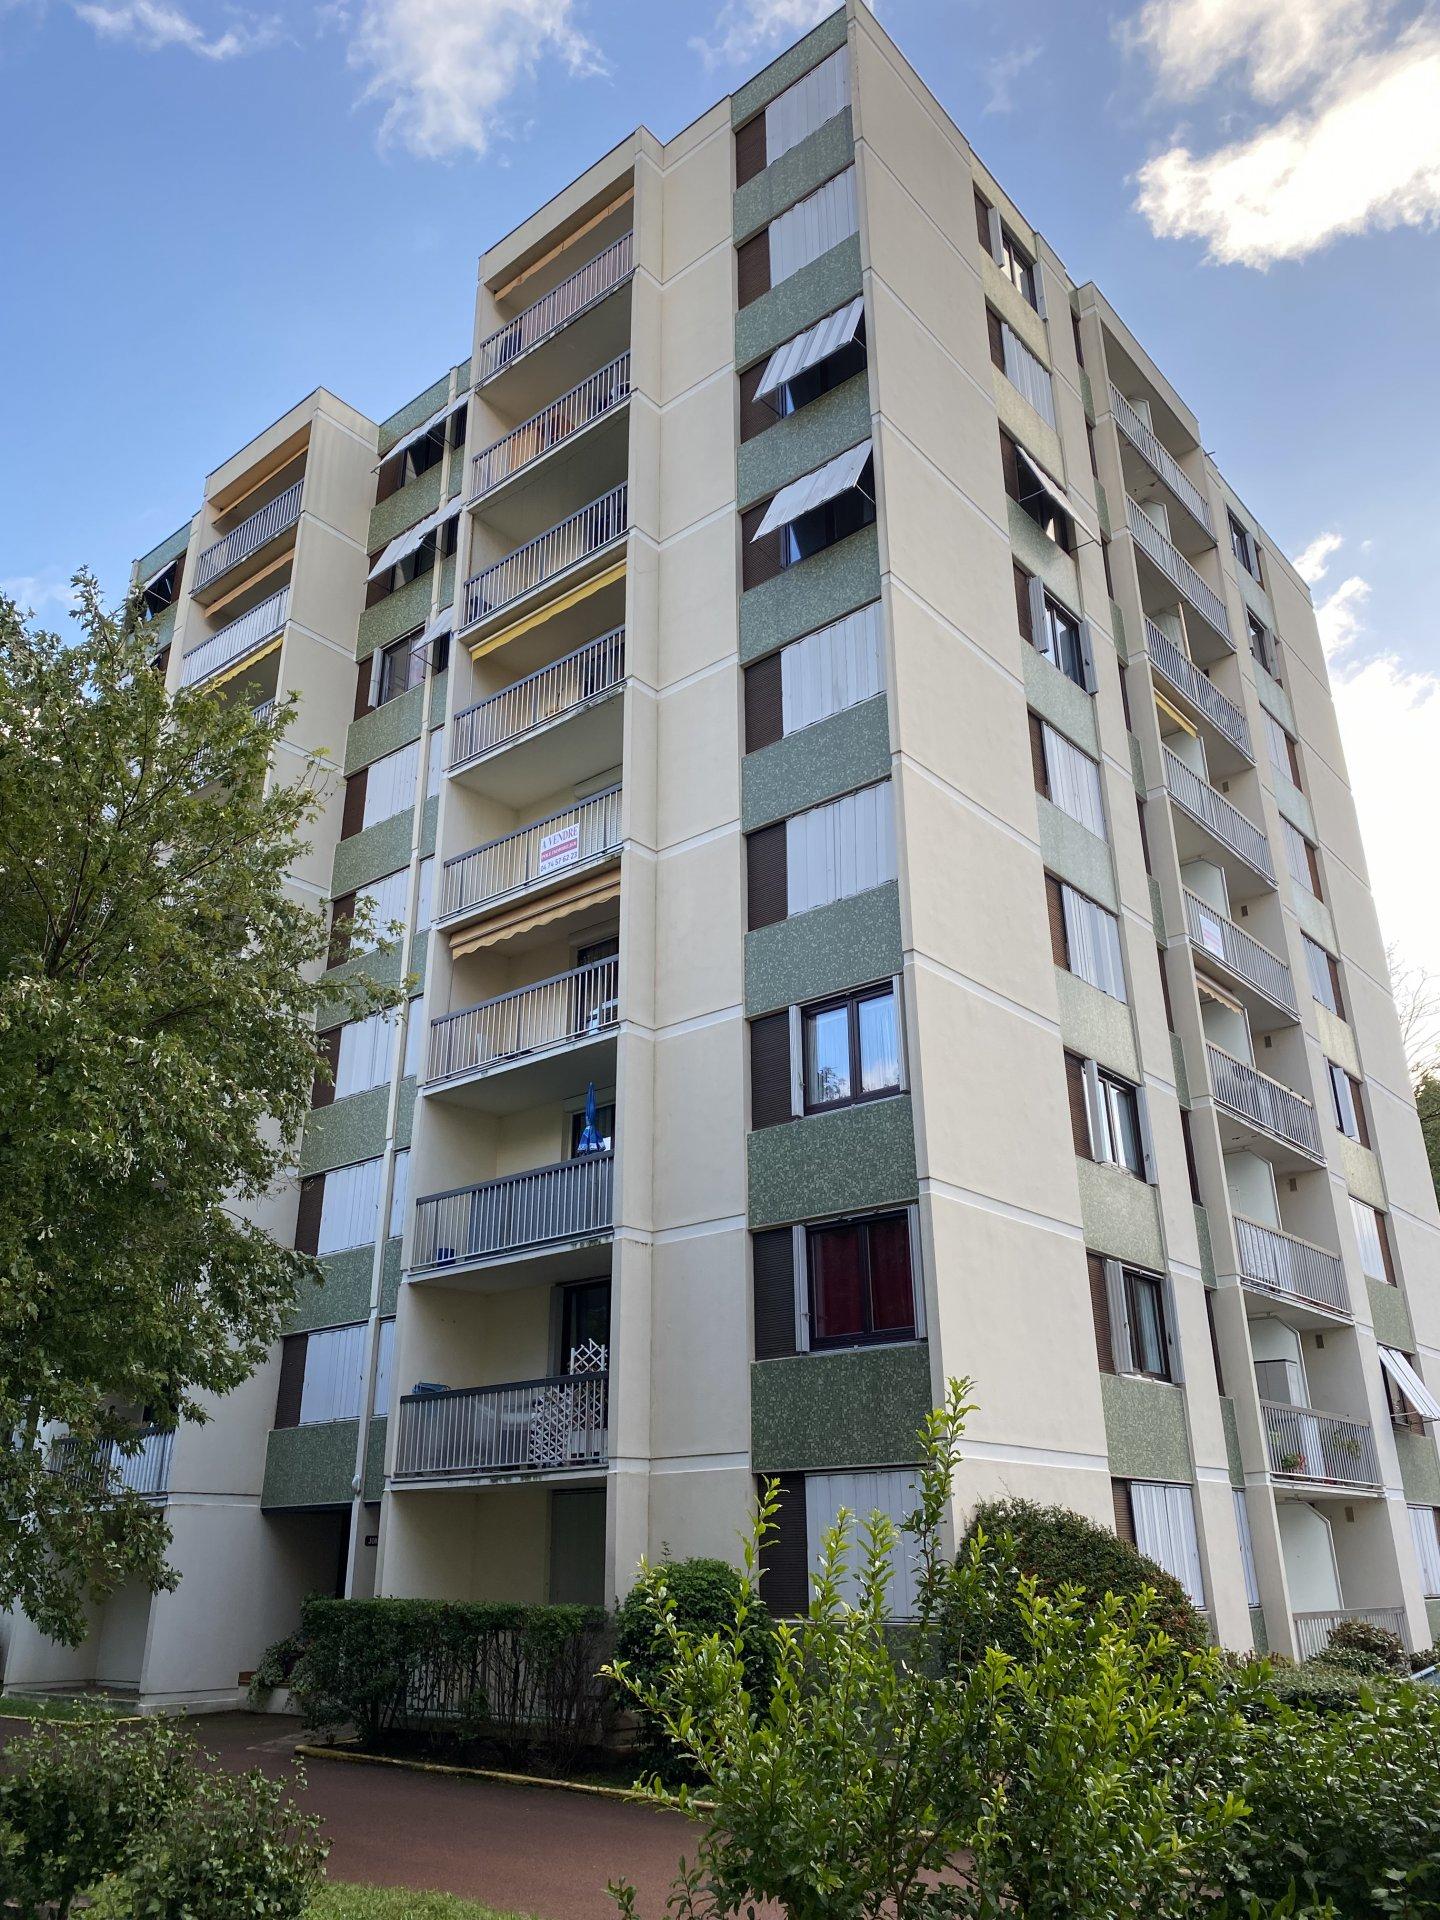 VIENNE Nord, Appartement T3 de 66 m² avec balcon, cave et parking